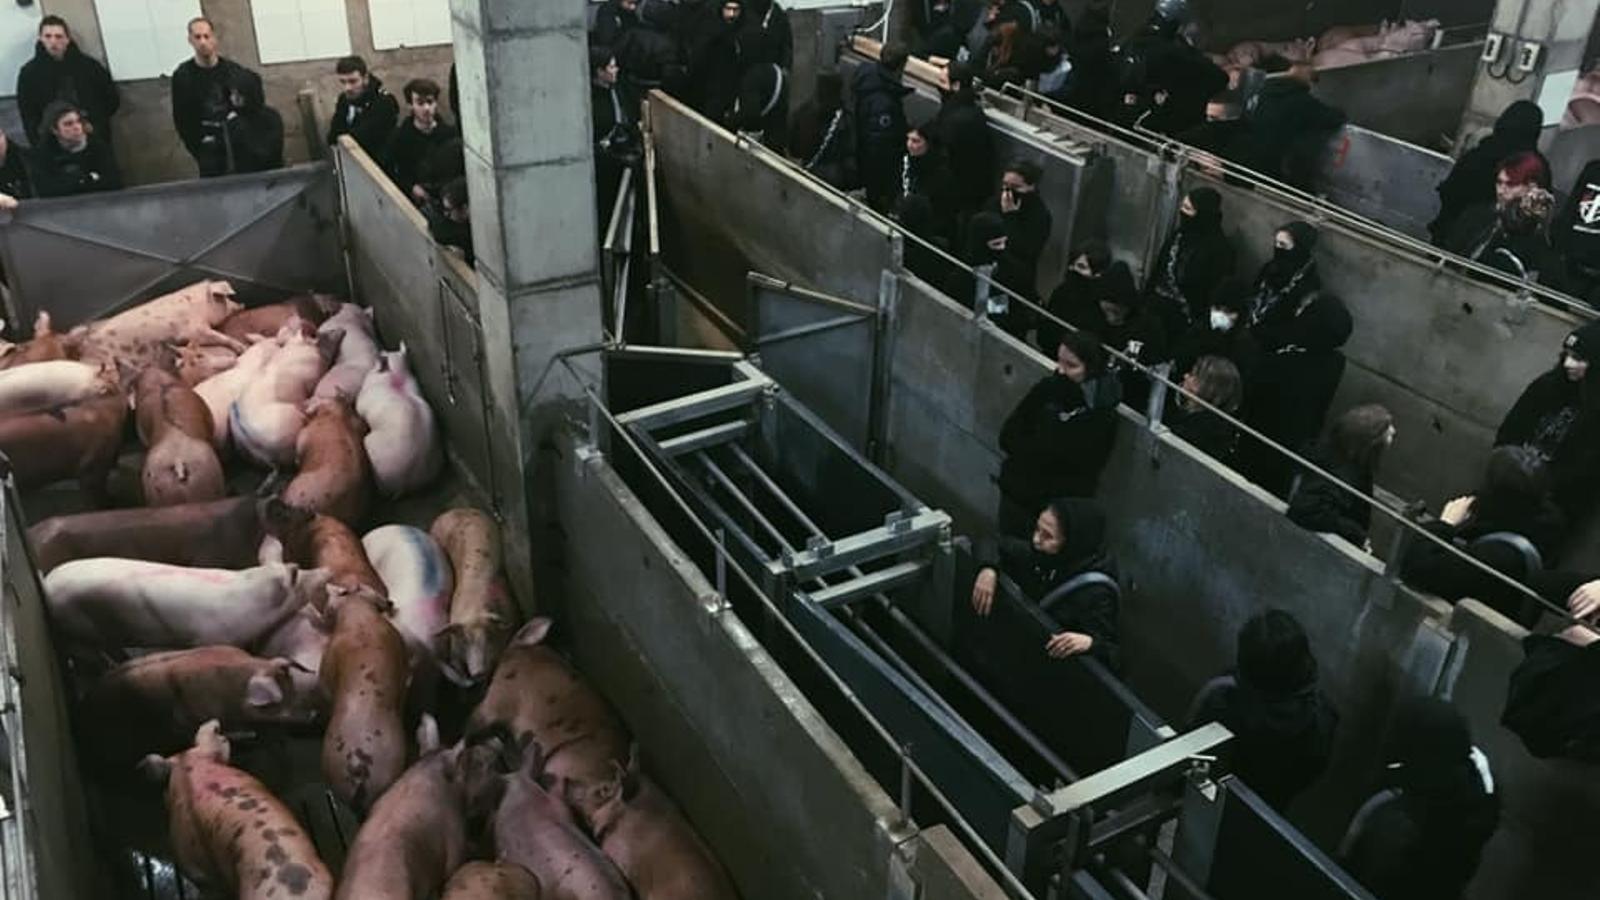 Agricultura amenaça els activistes que entrin en granges amb multes de fins a 100.000 euros